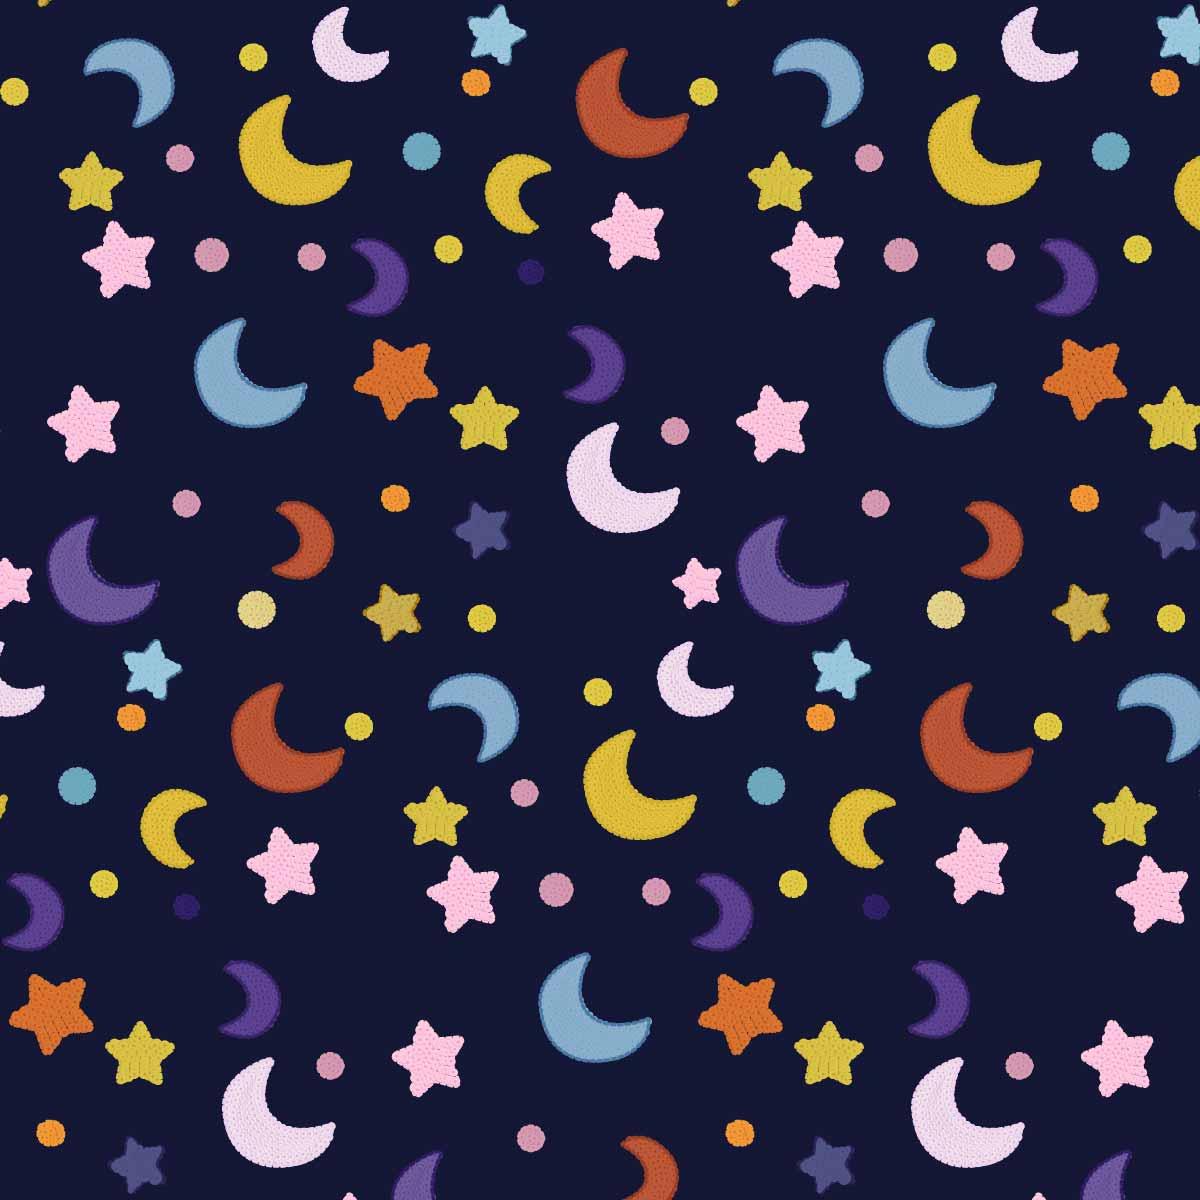 几何图案星星月亮印花矢量图服装纺织数码印花花型素材-POP花型网